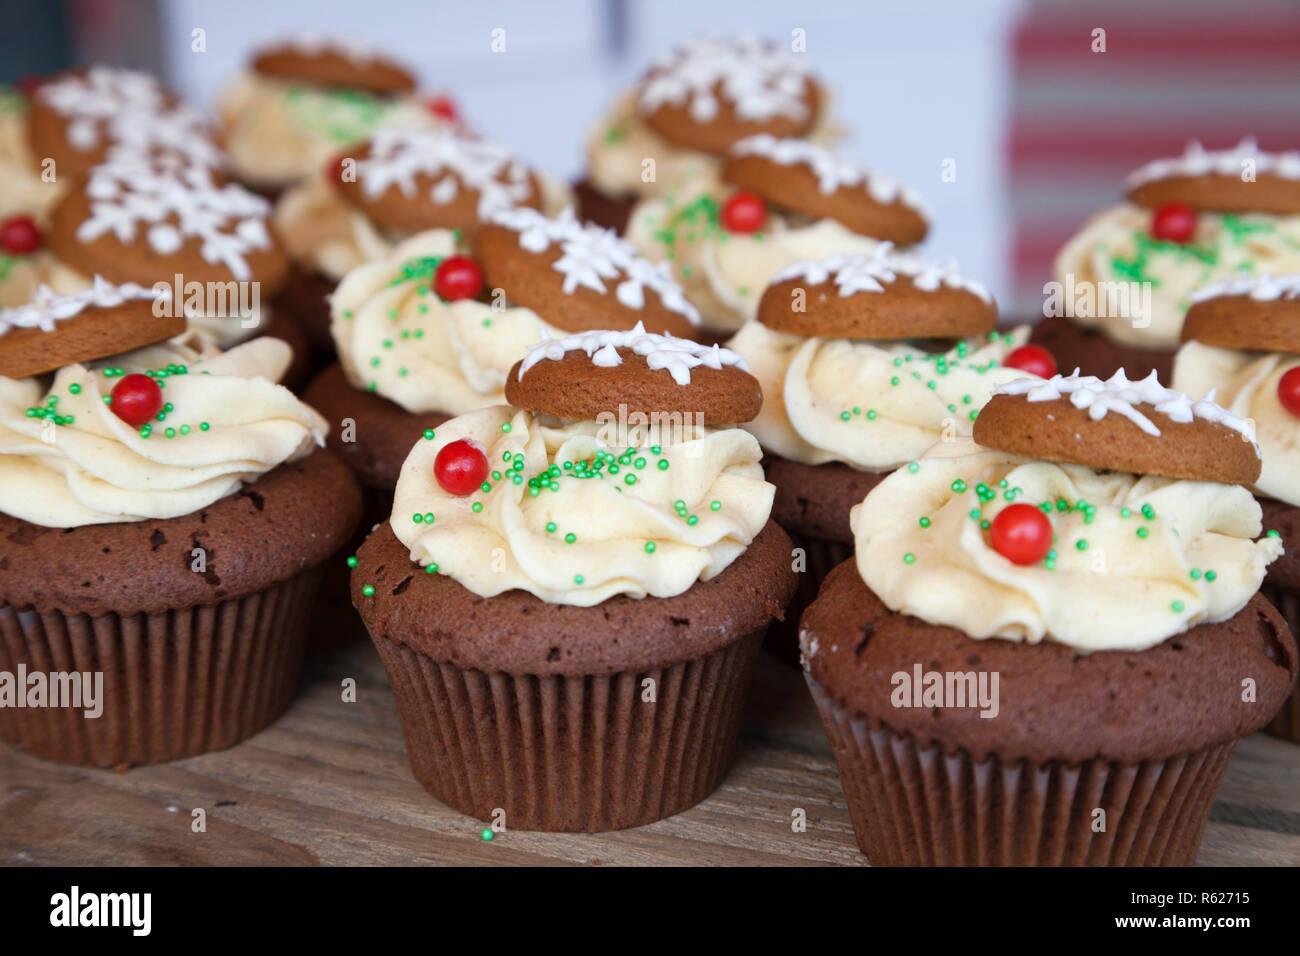 Cup Cakes Decorados Con Lloviznas Copos De Nieve Y Hielo